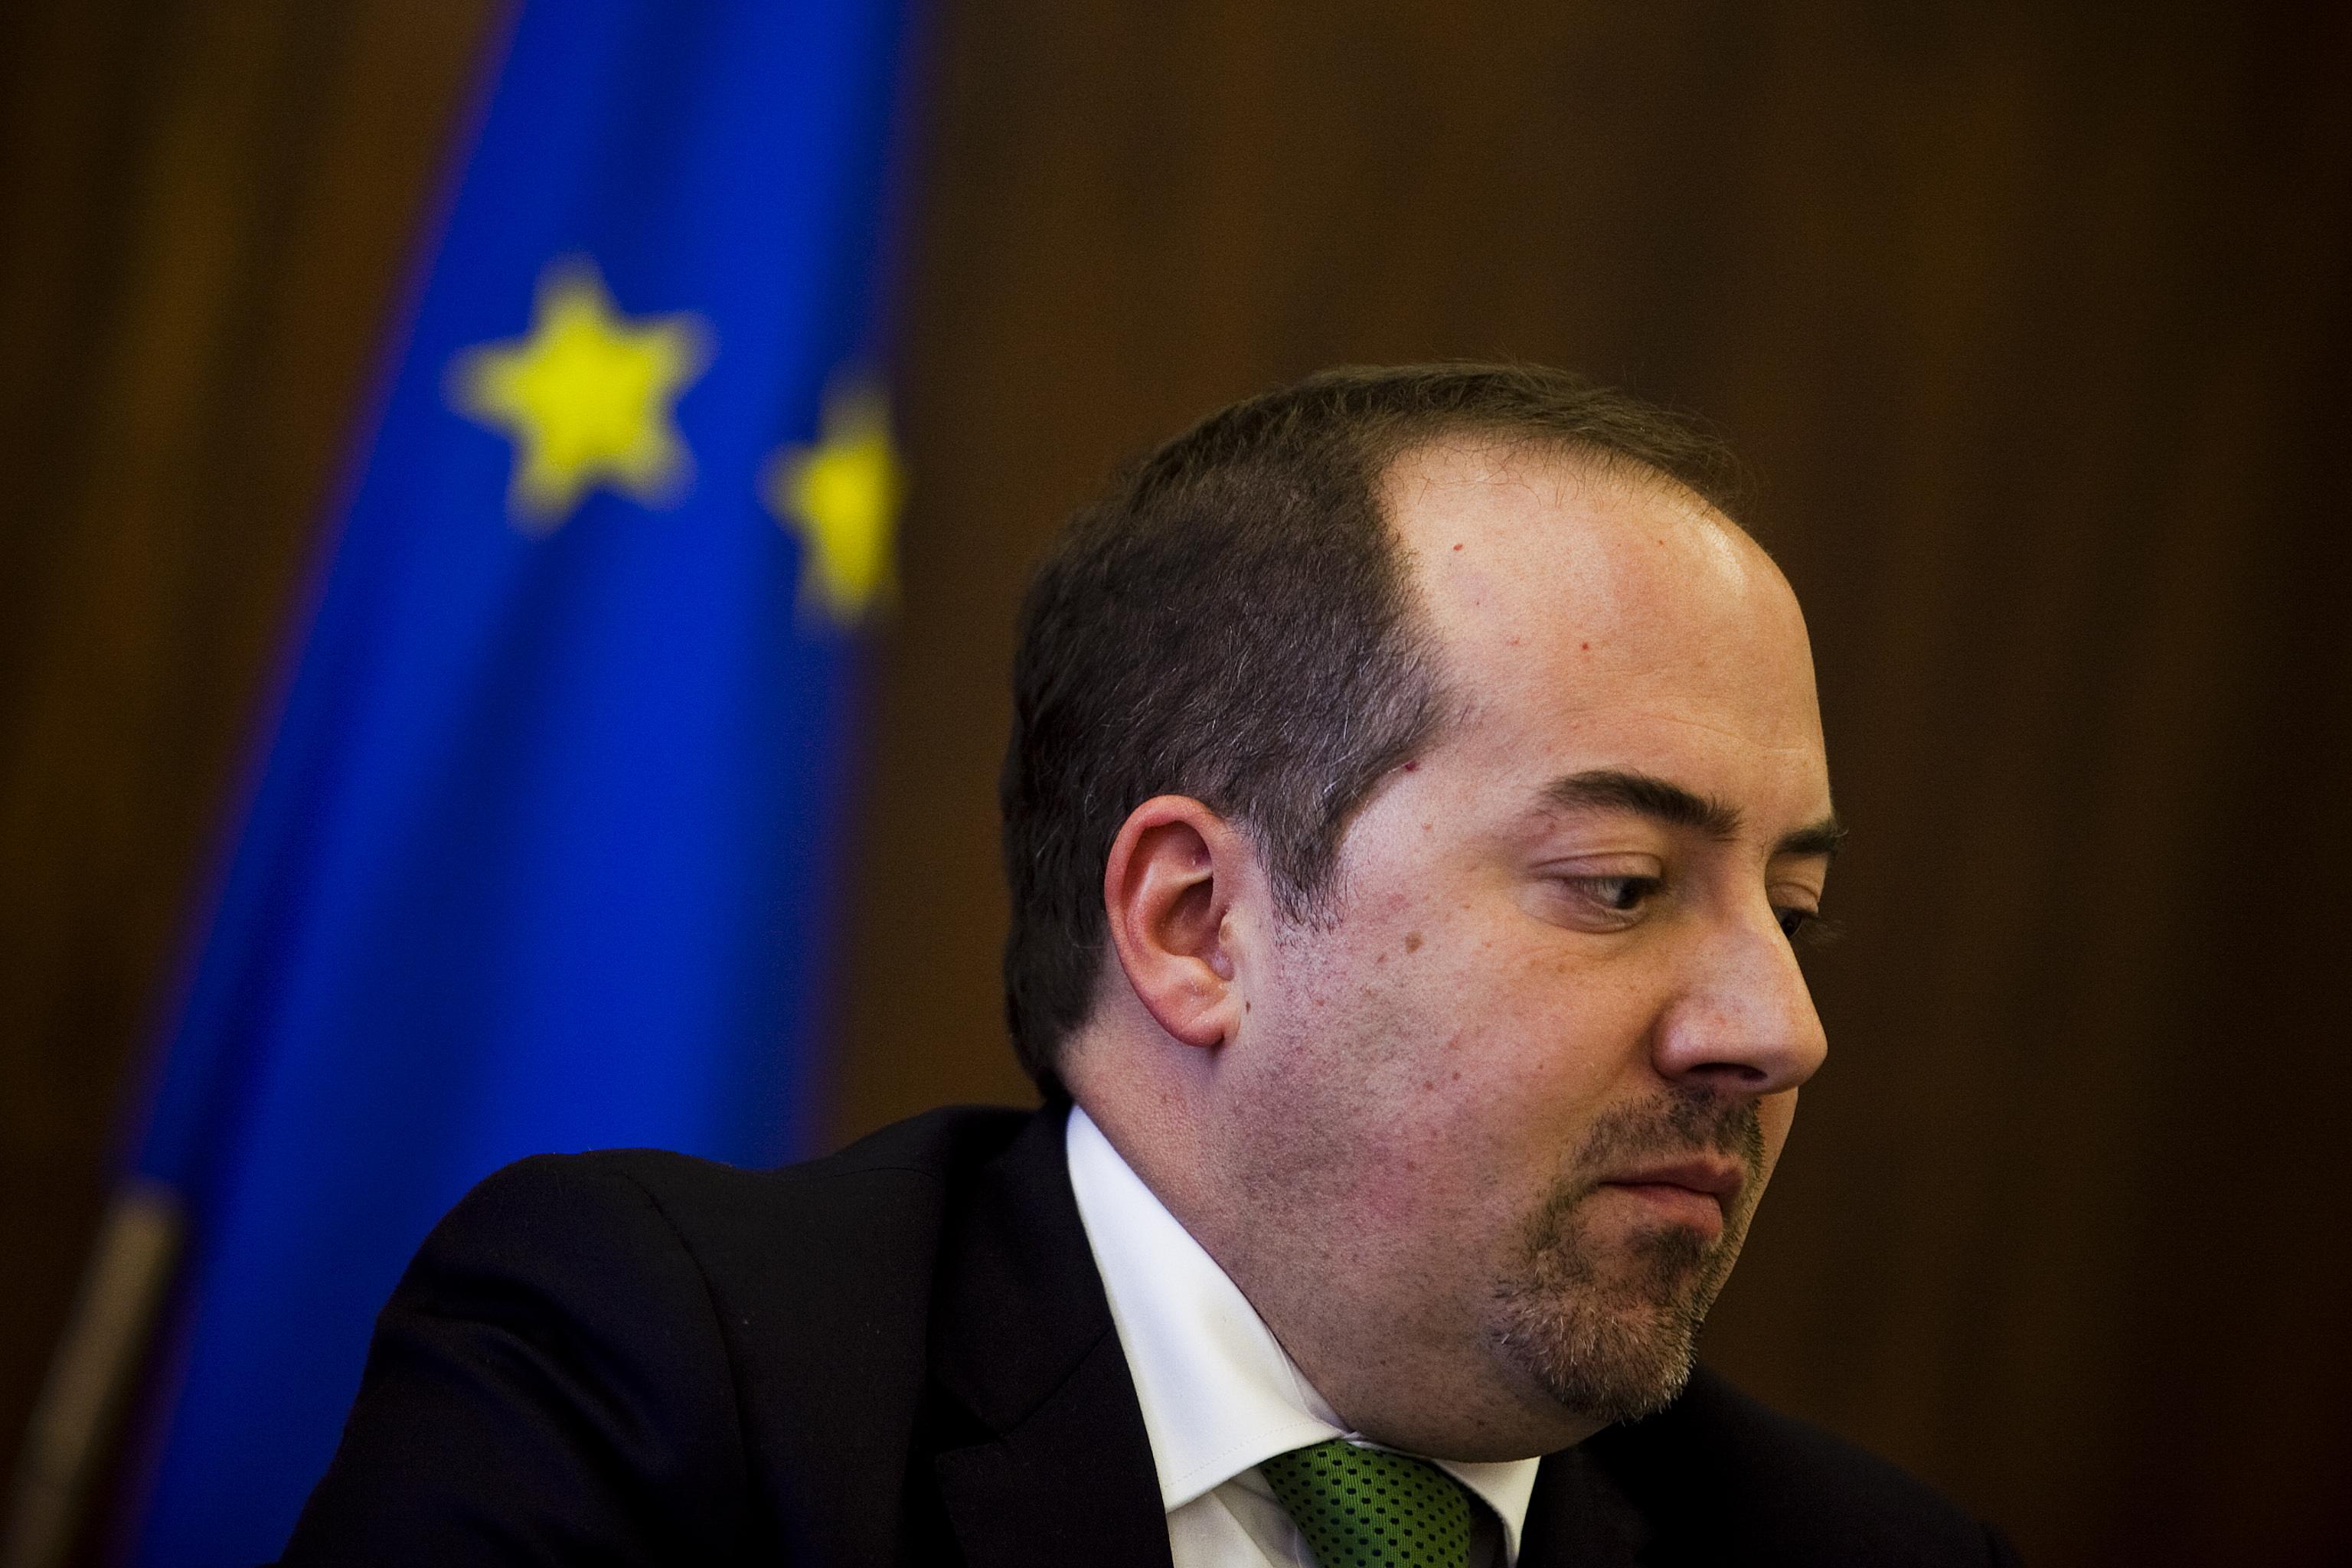 Ministro da economia paga multas de 43 euros ao dia